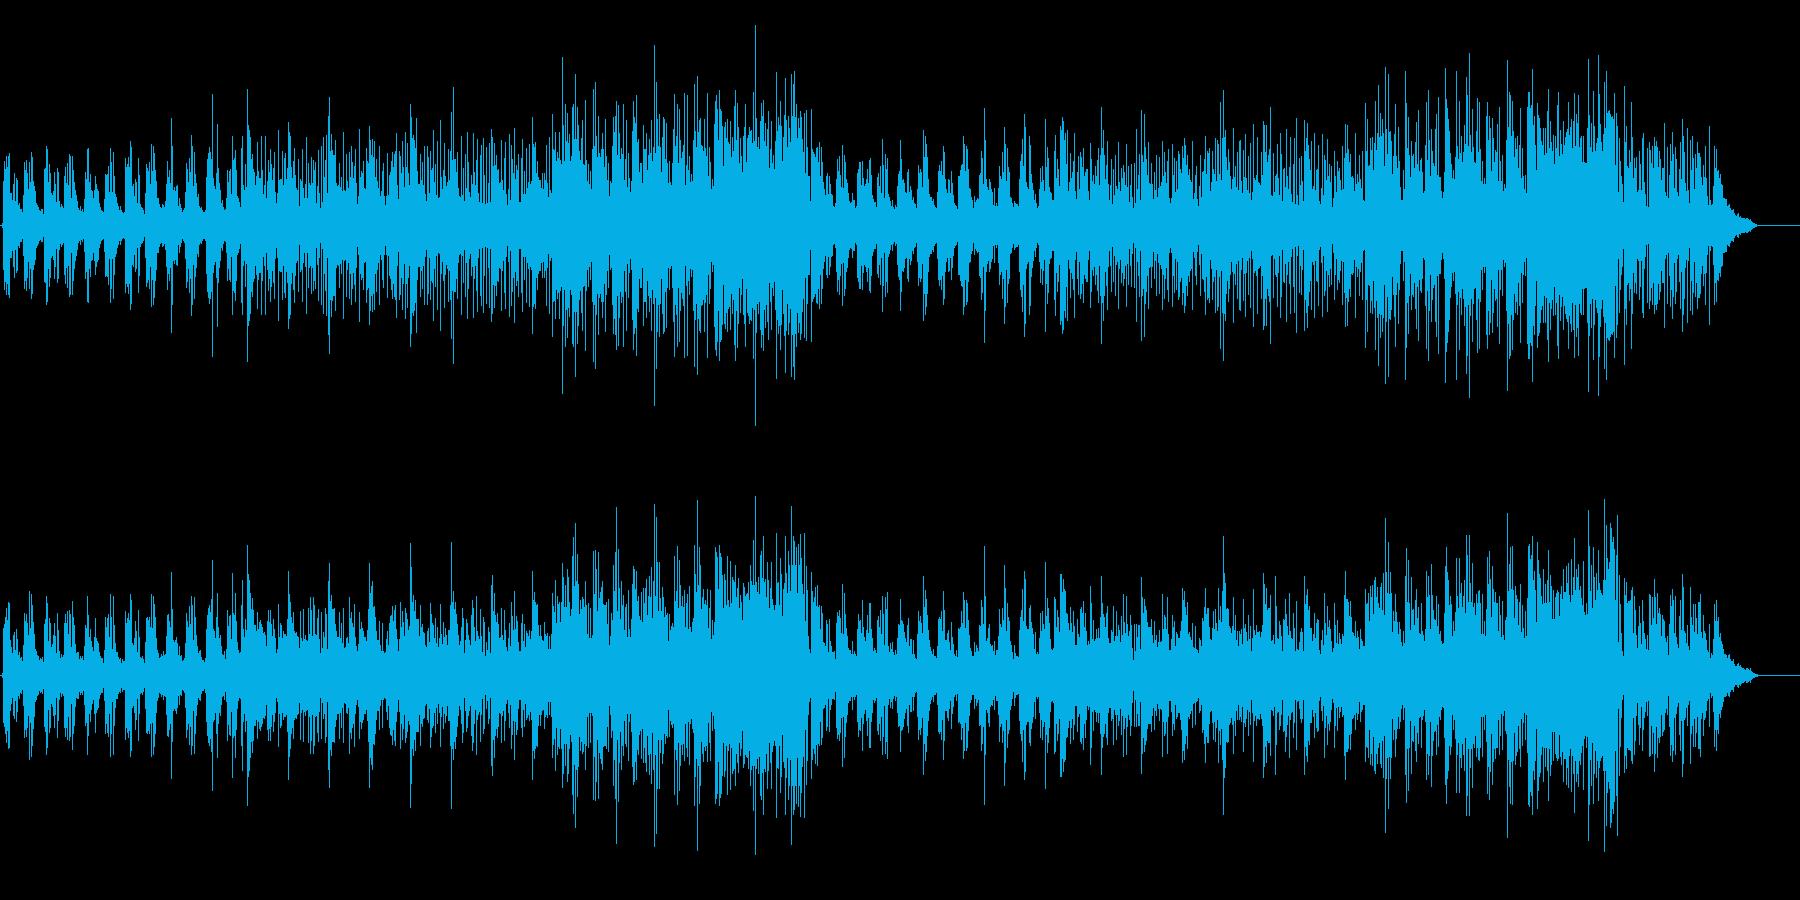 美旋律シリアス AOR風の再生済みの波形